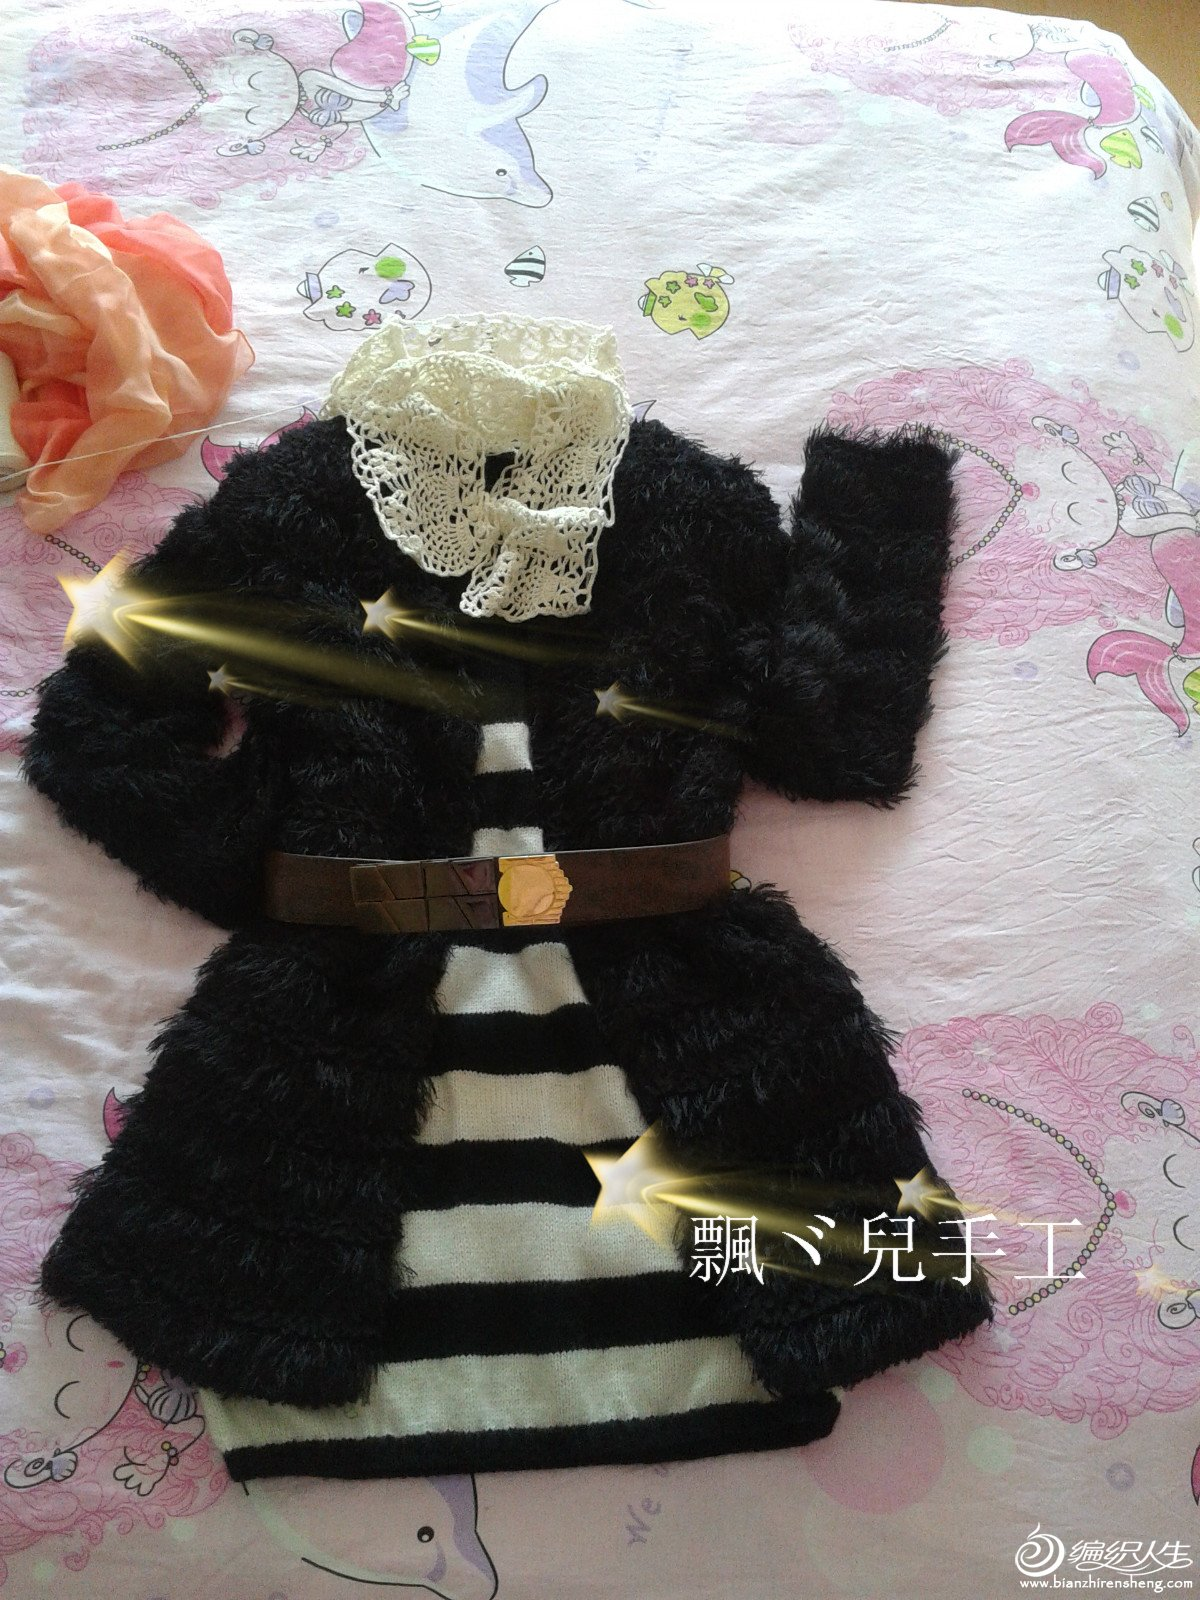 2012-11-04 11.37.13_meitu_4.jpg